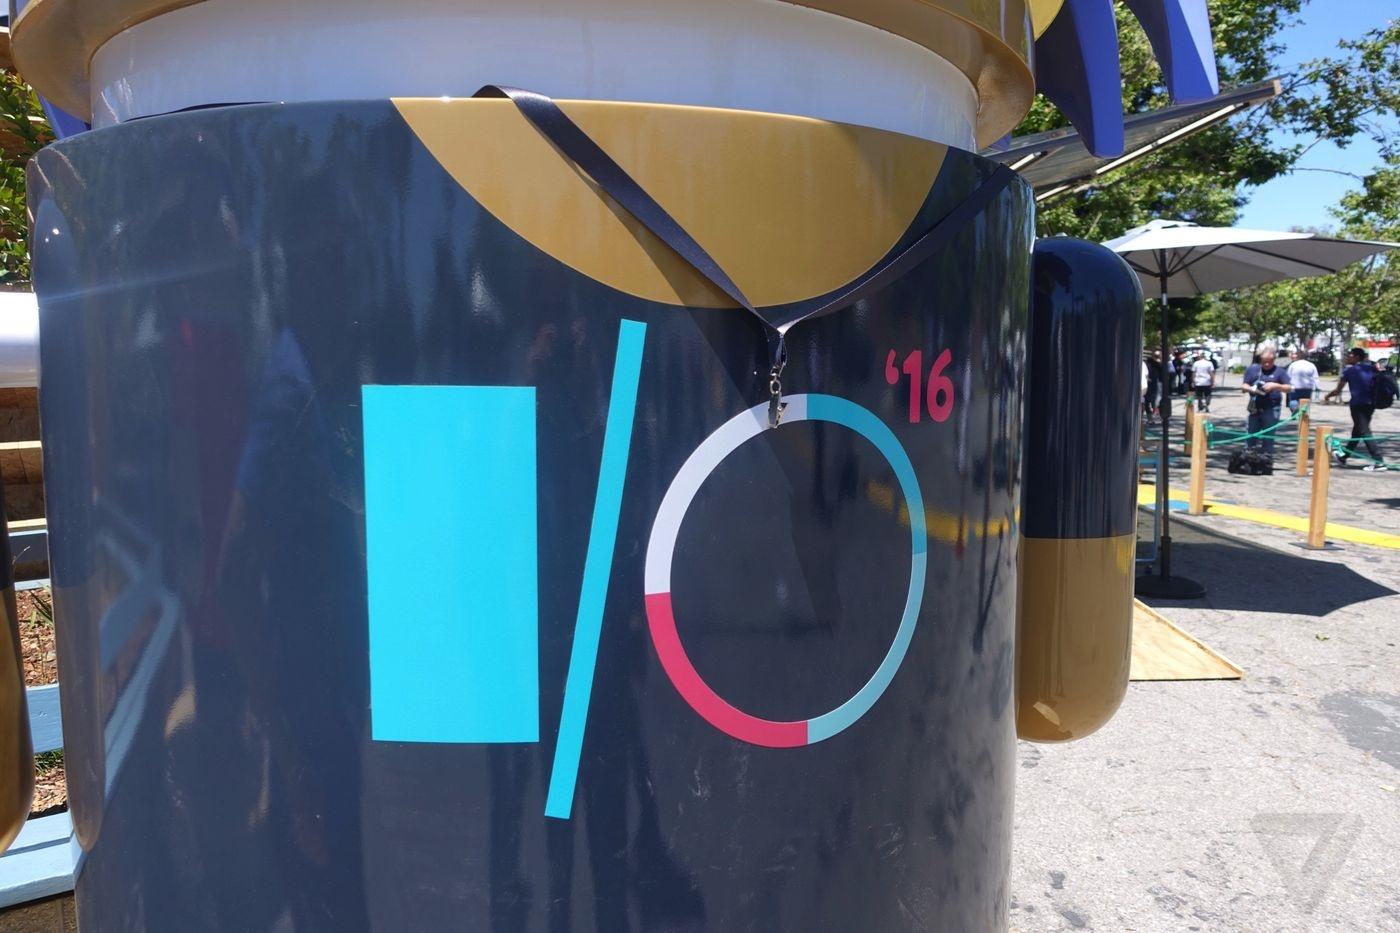 آشنایی با 10 دستاورد نرمافزاری و سختافزاری گوگل در کنفرانس I/O 2016